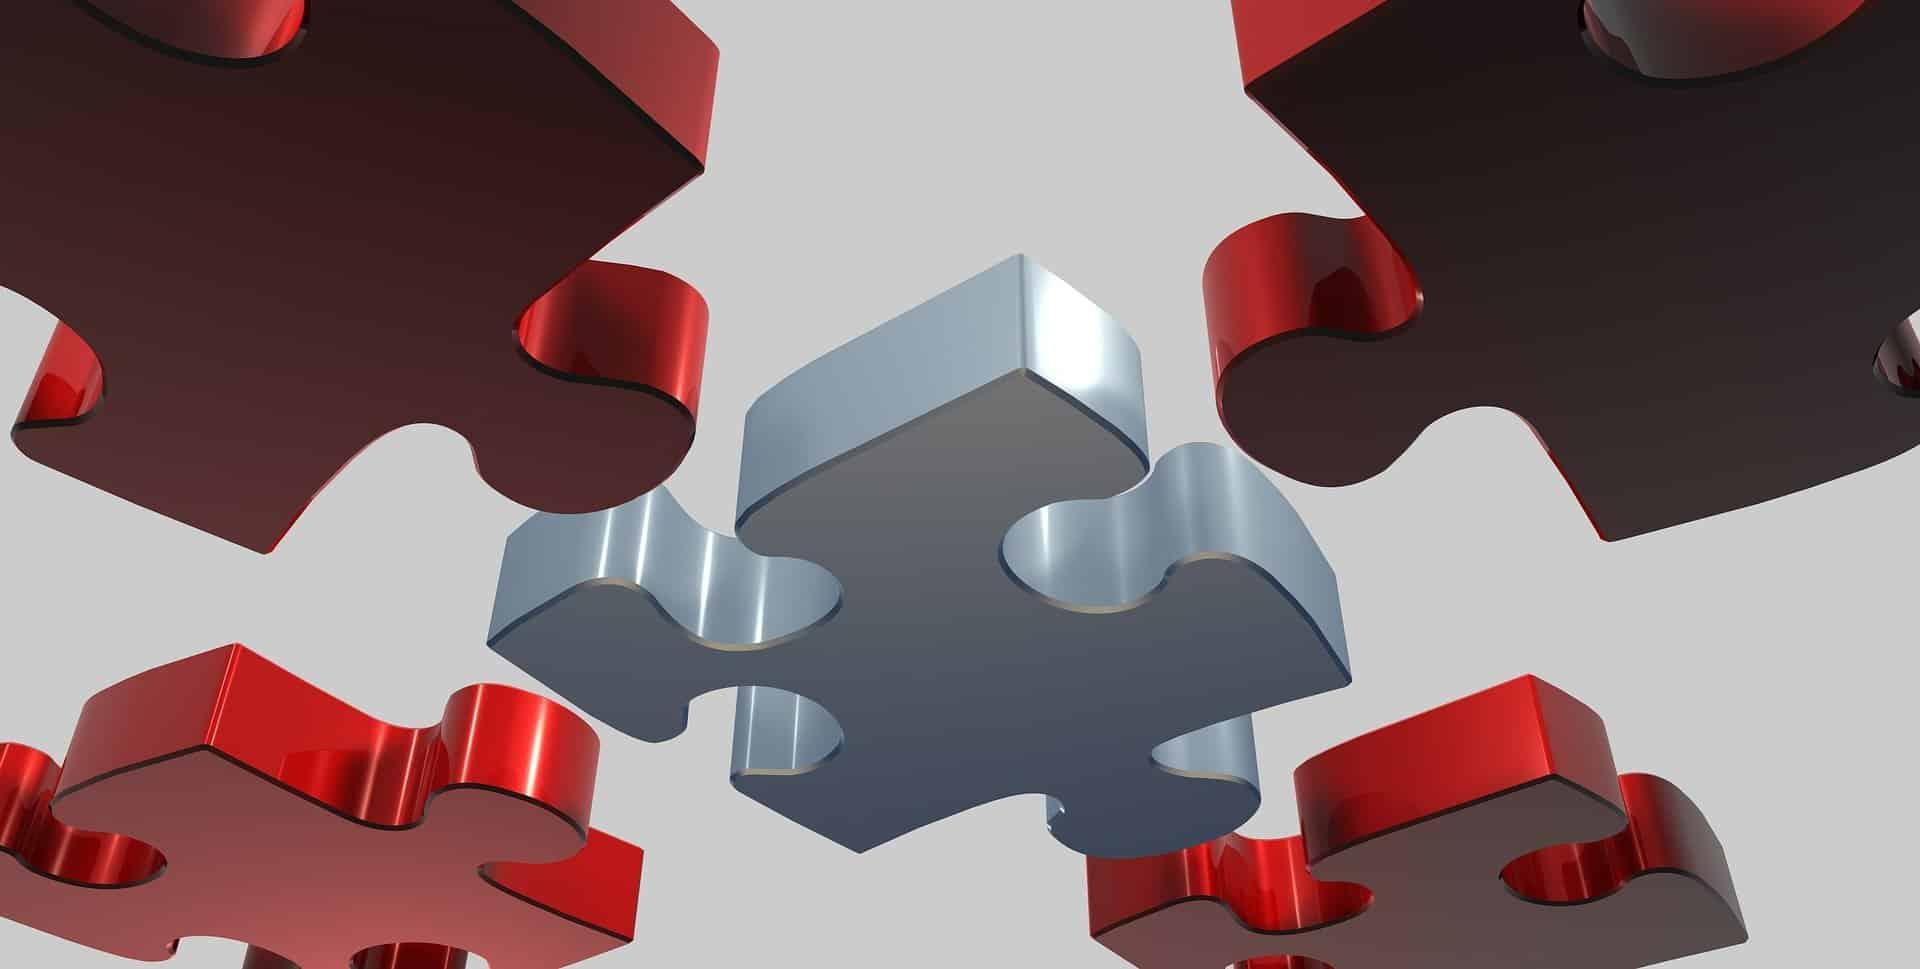 puzzle-1721464_1920.jpg